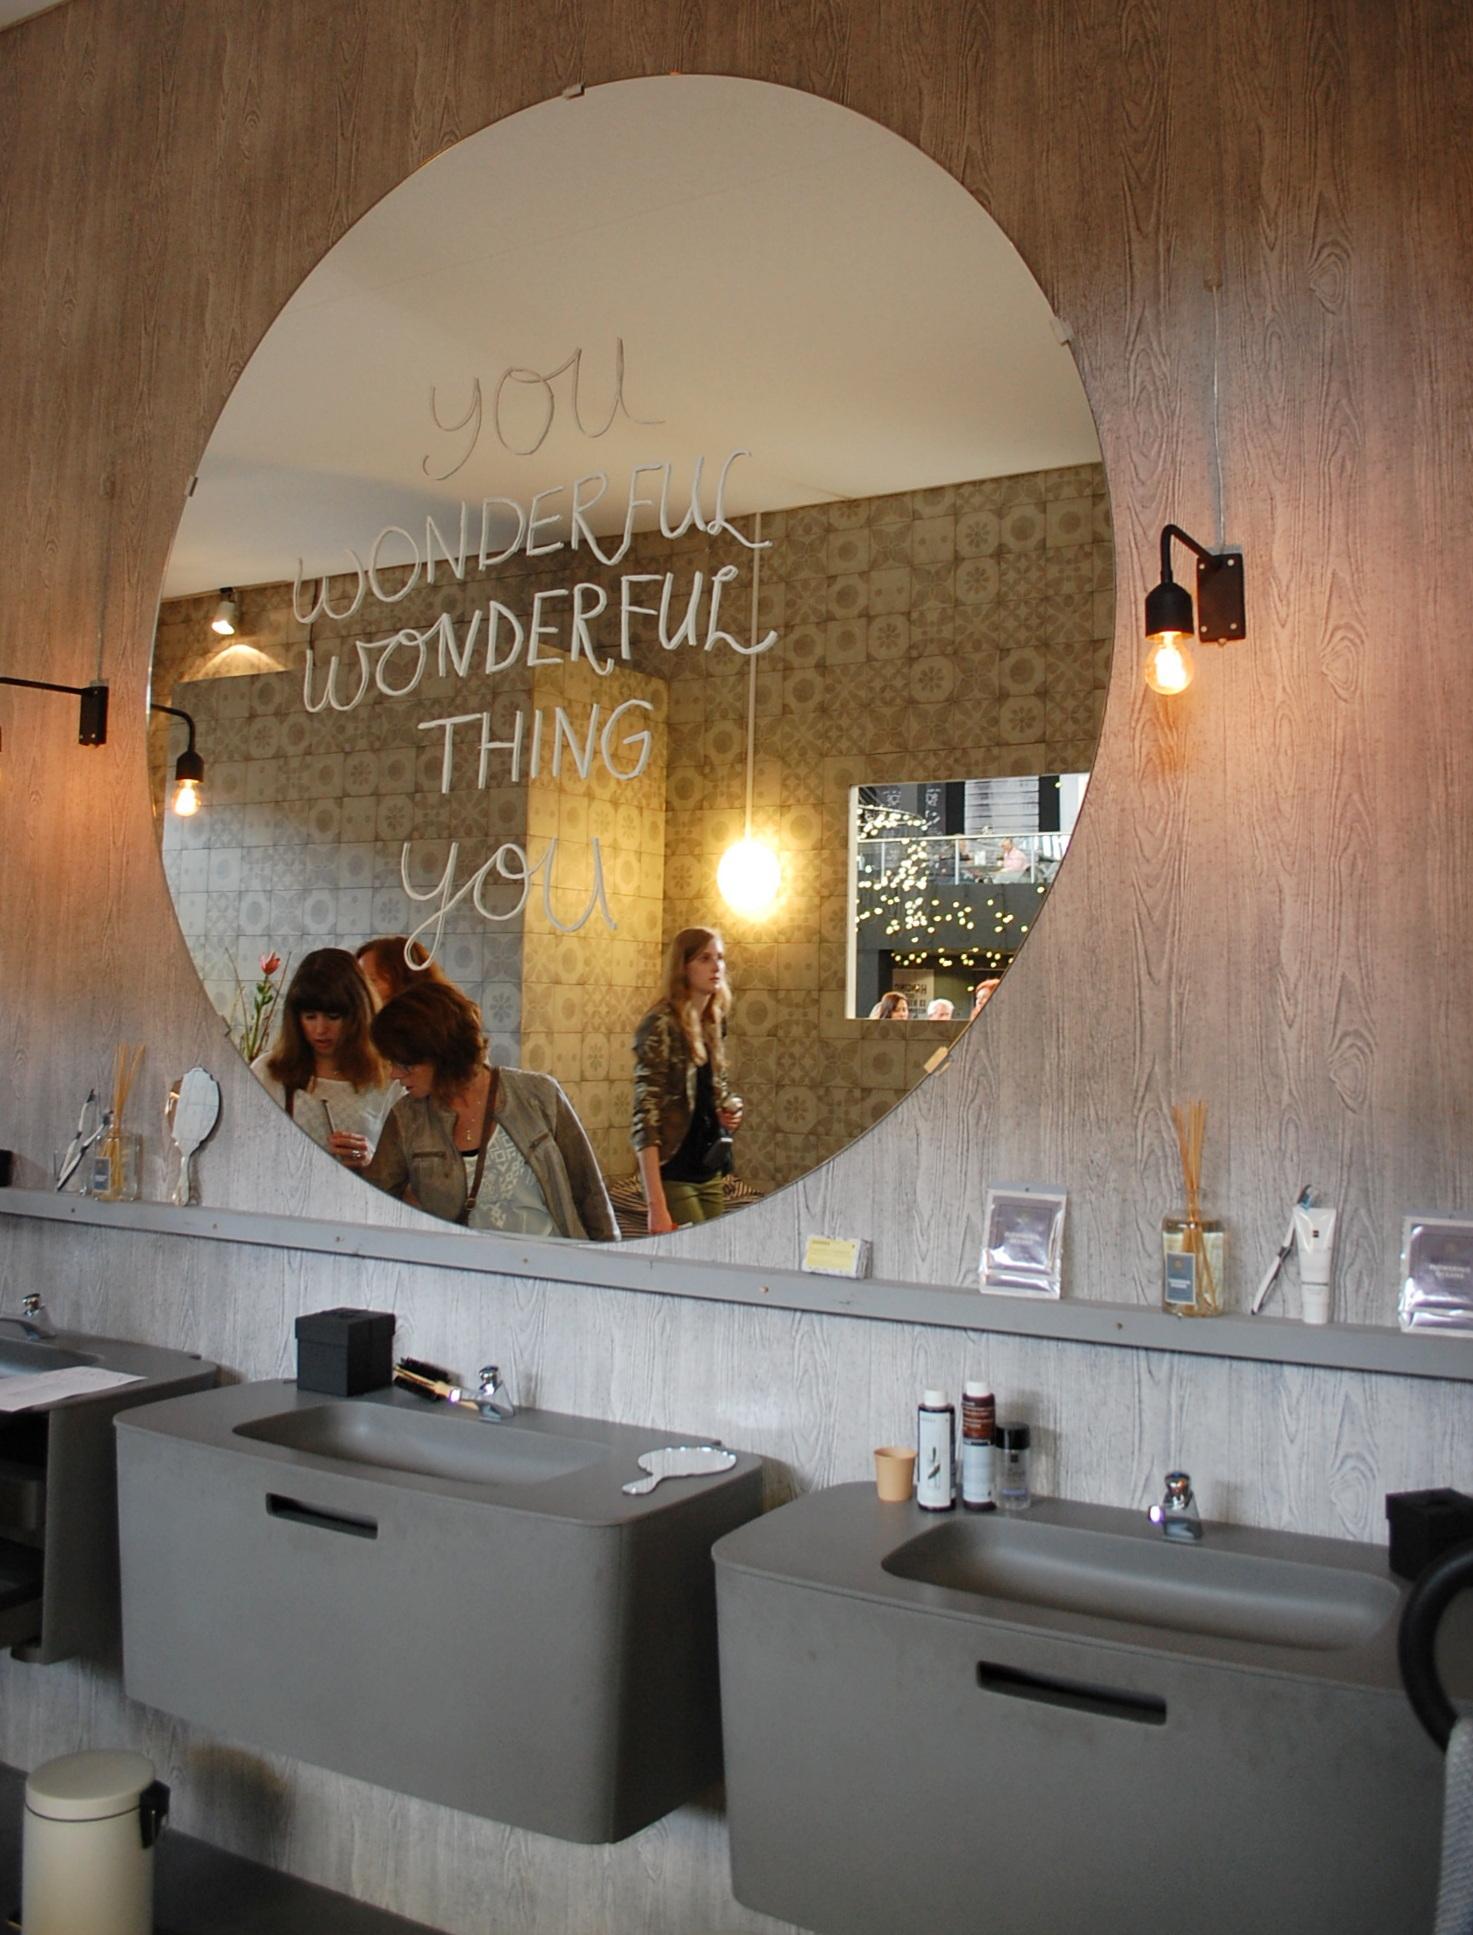 5 praktische tips gebruik de woonbeurs inspiratie in je eigen huis maison belle - Spiegel eetkamer voor bahut ...